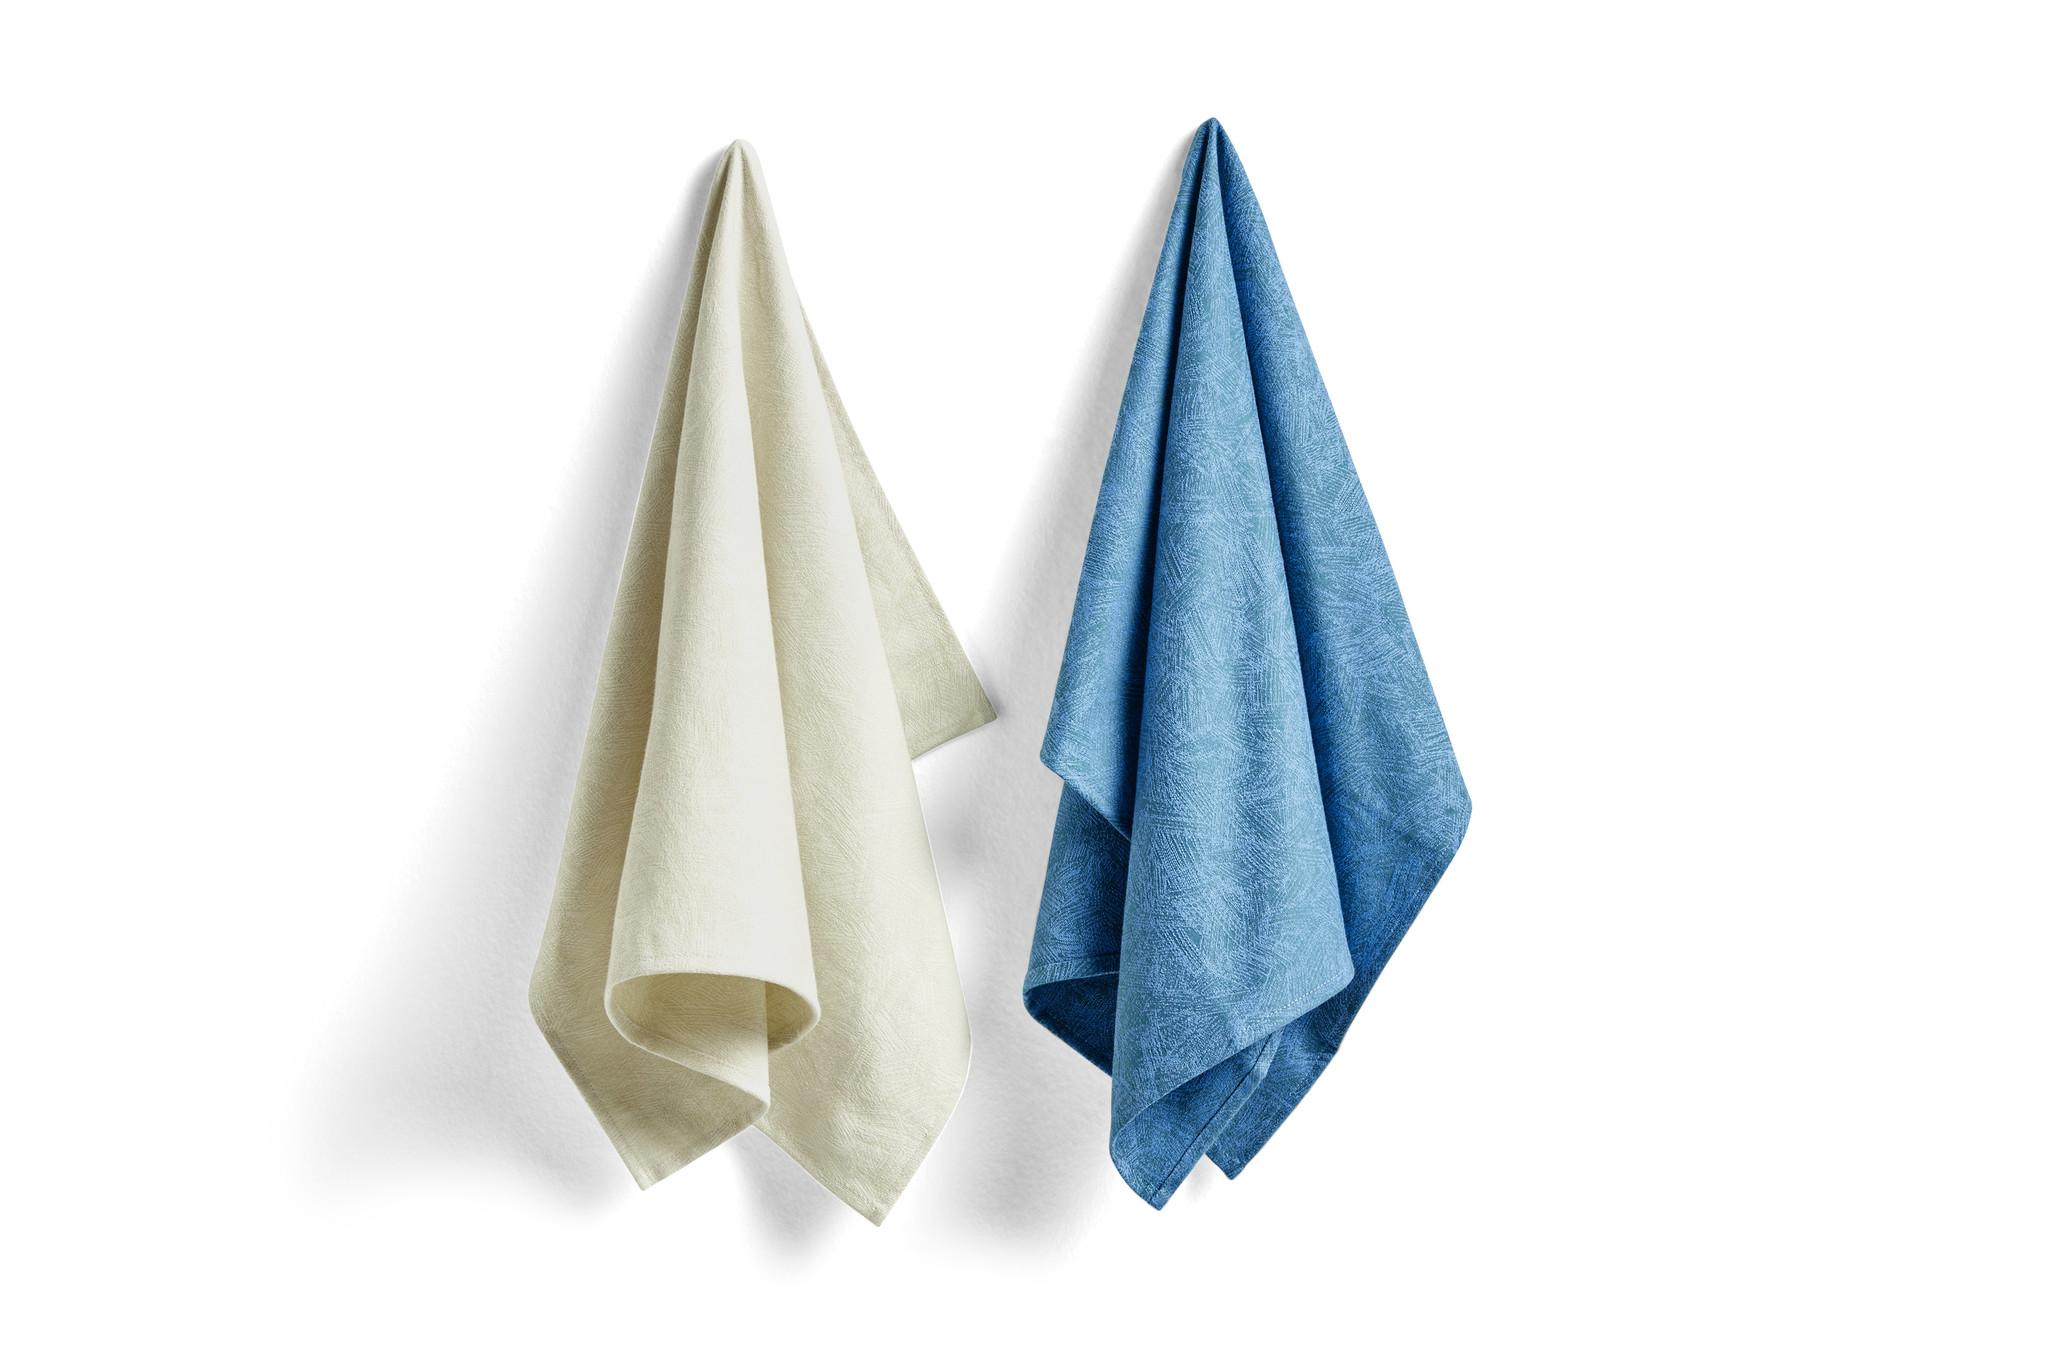 Tea towel S&B 2 Pcs.-10